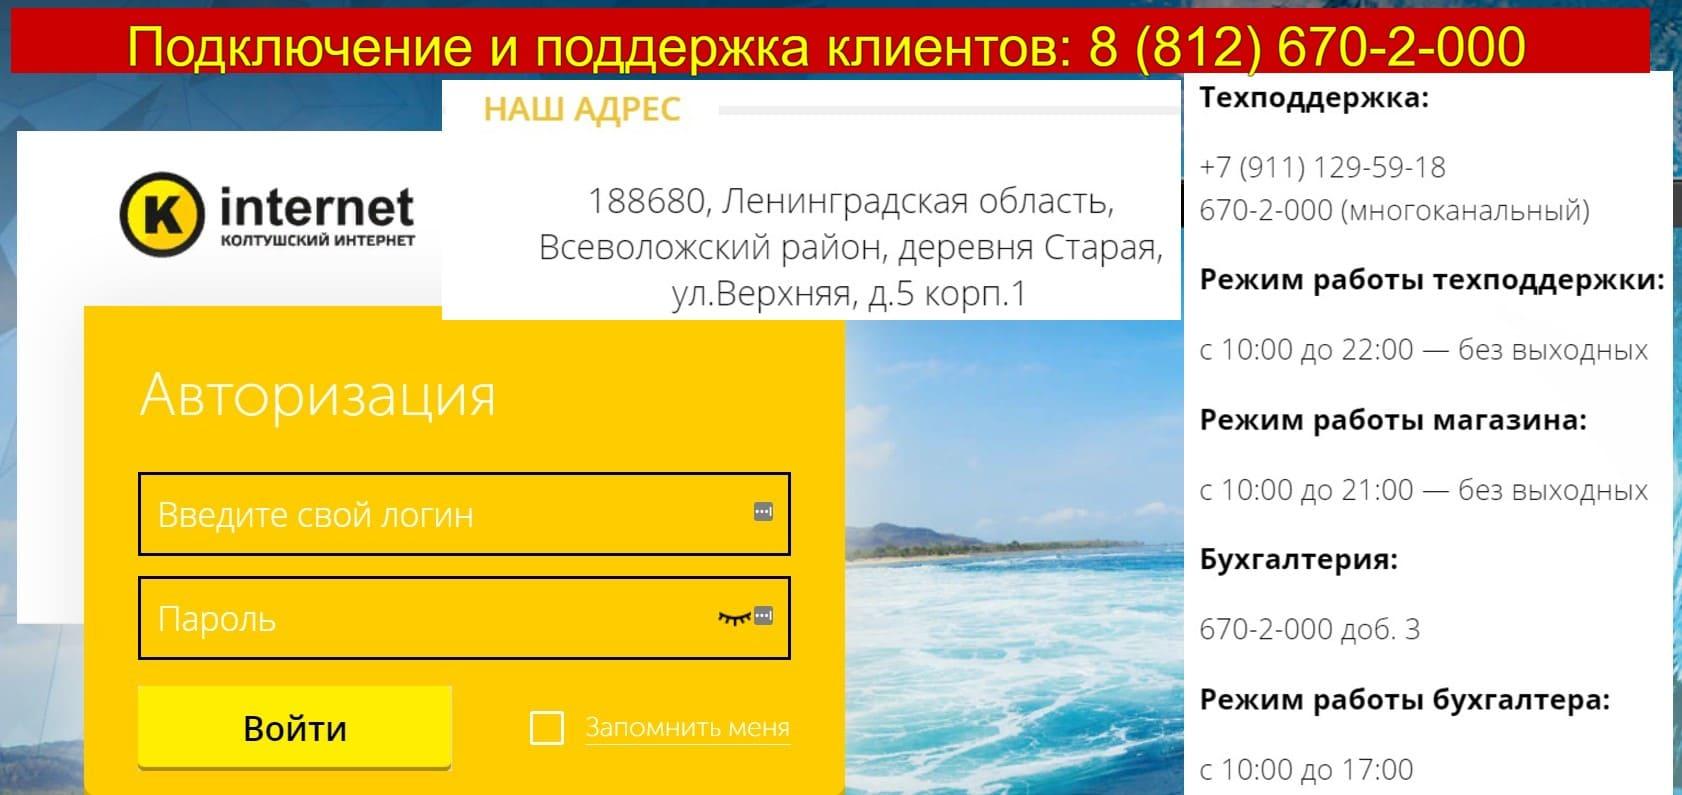 Колтушский интернет личный кабинет